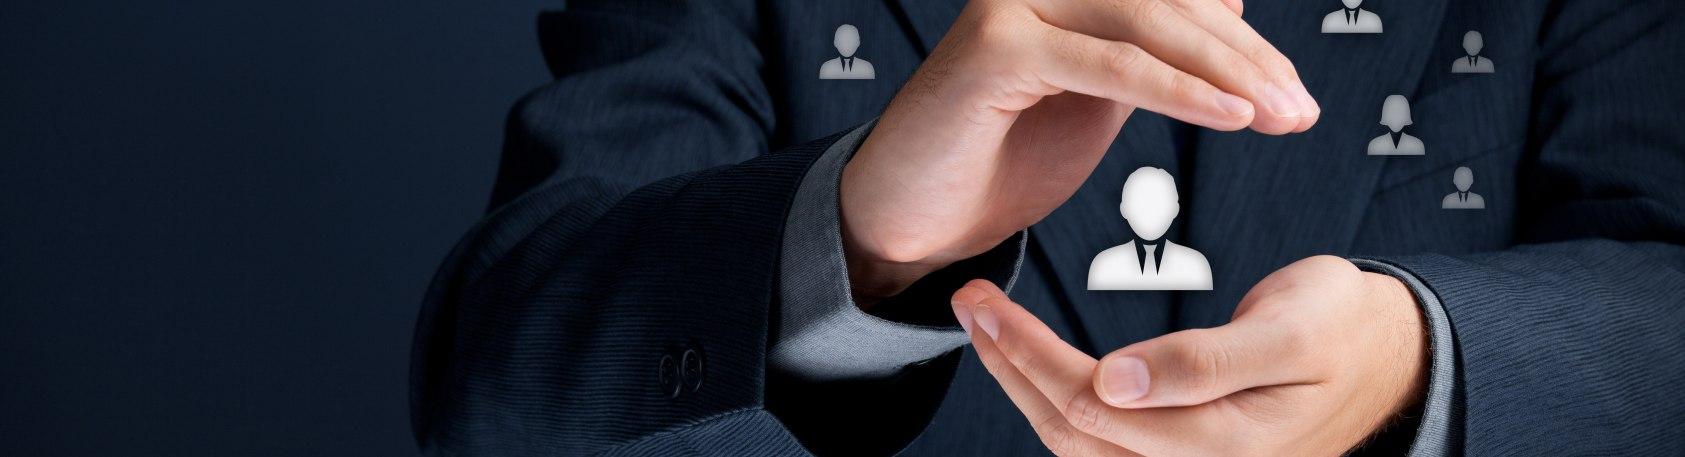 Εταιρικές Πωλήσεις με Εστίαση στον Πελάτη